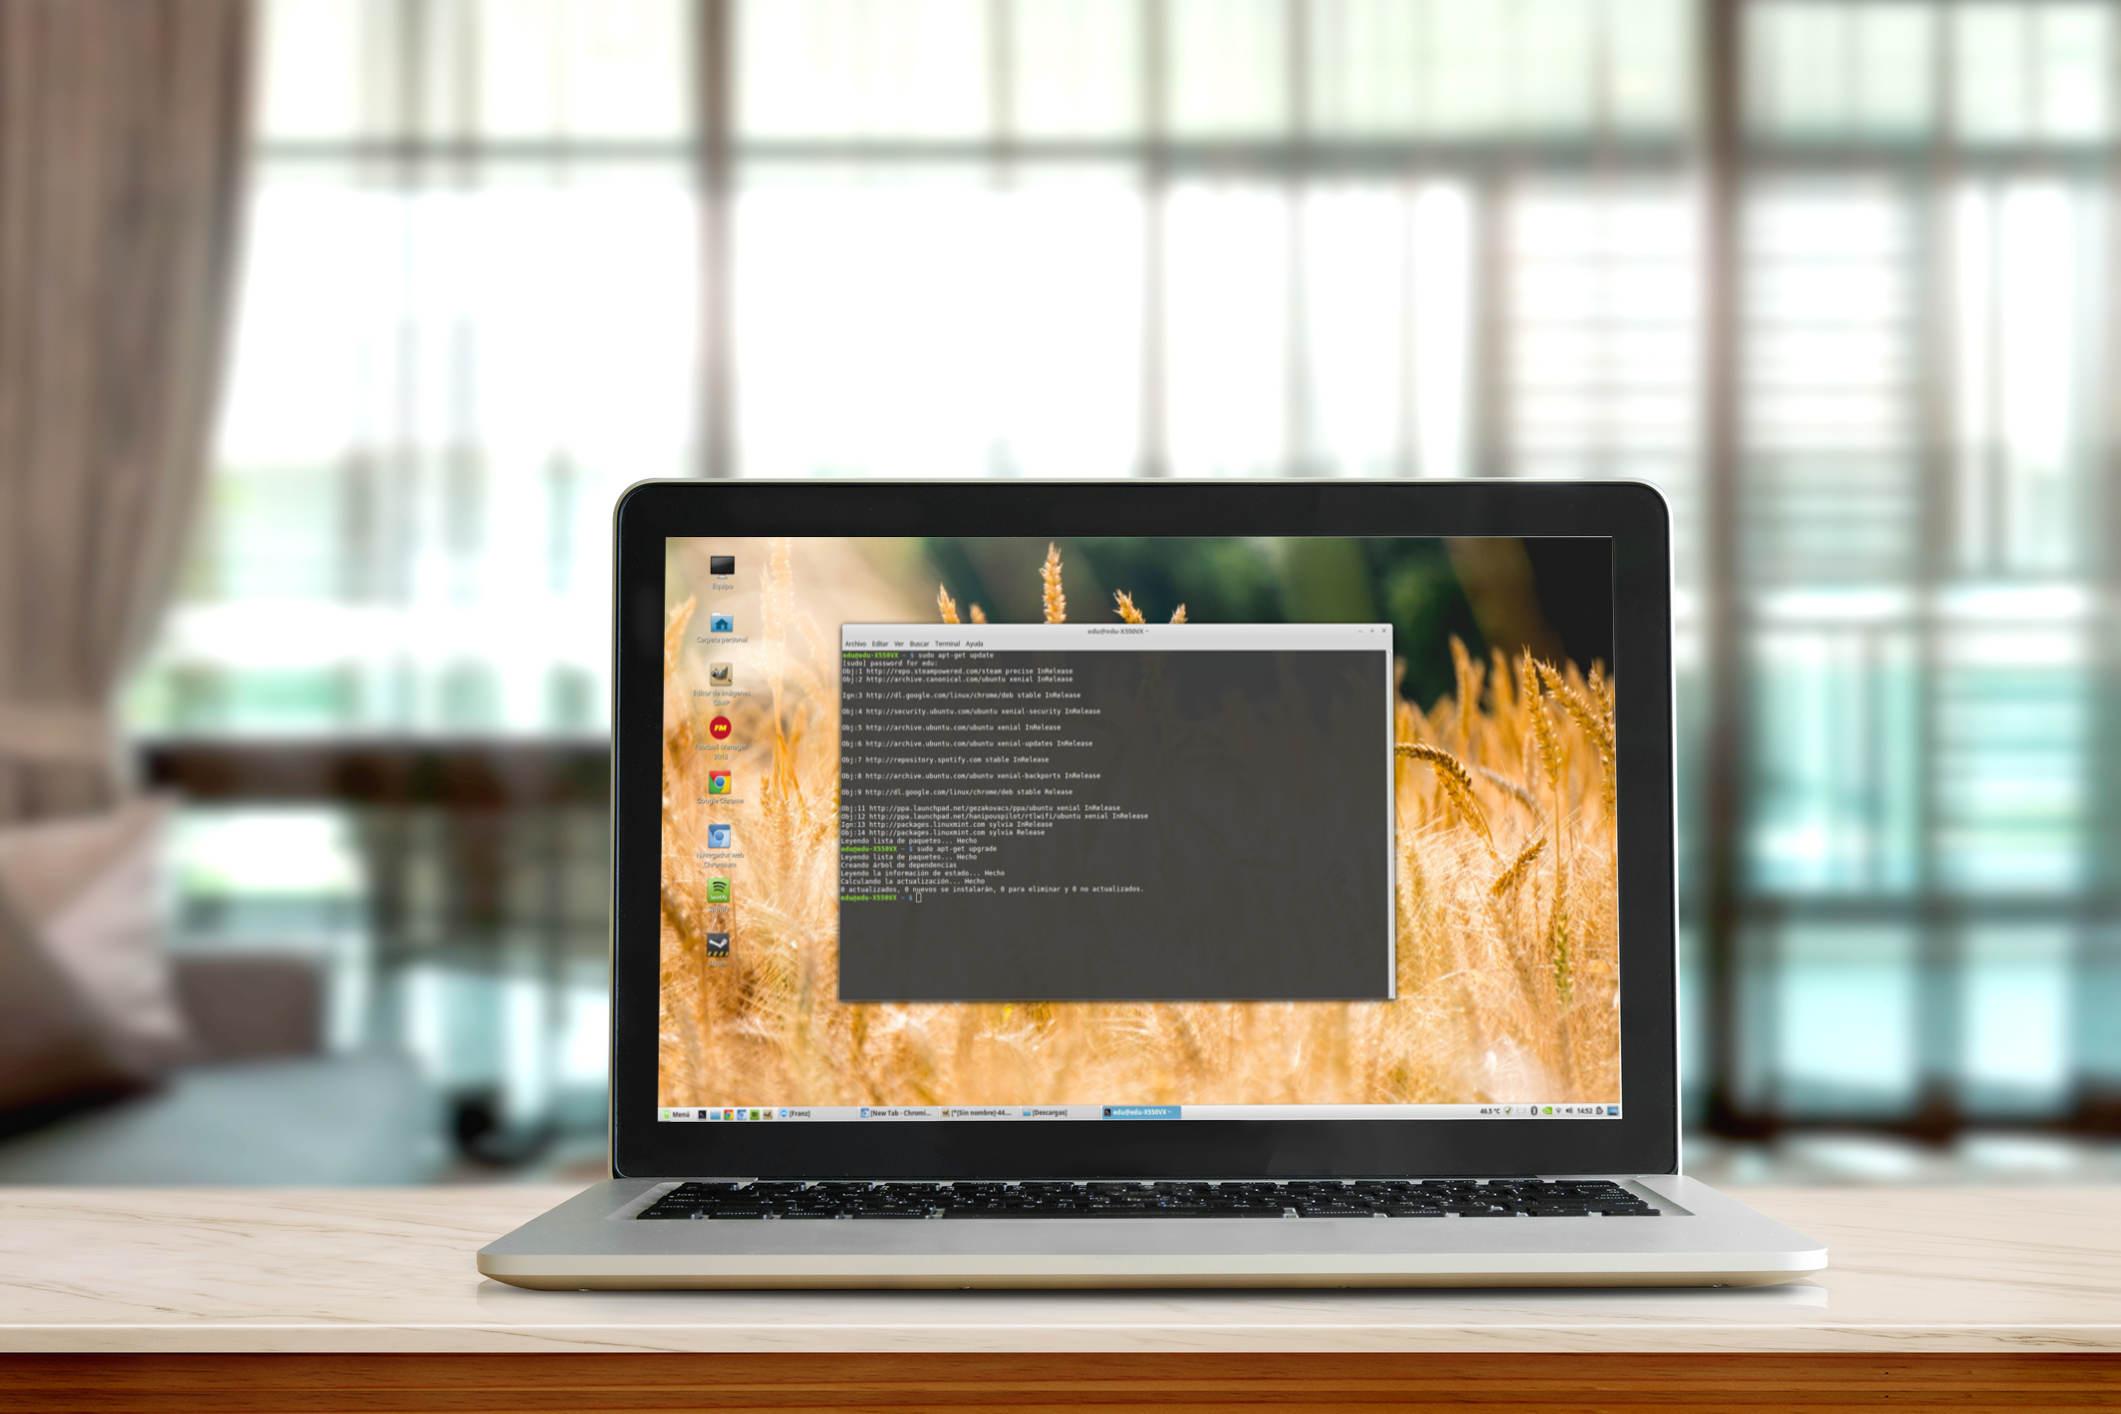 Los comandos de Linux imprescindibles para principiantes